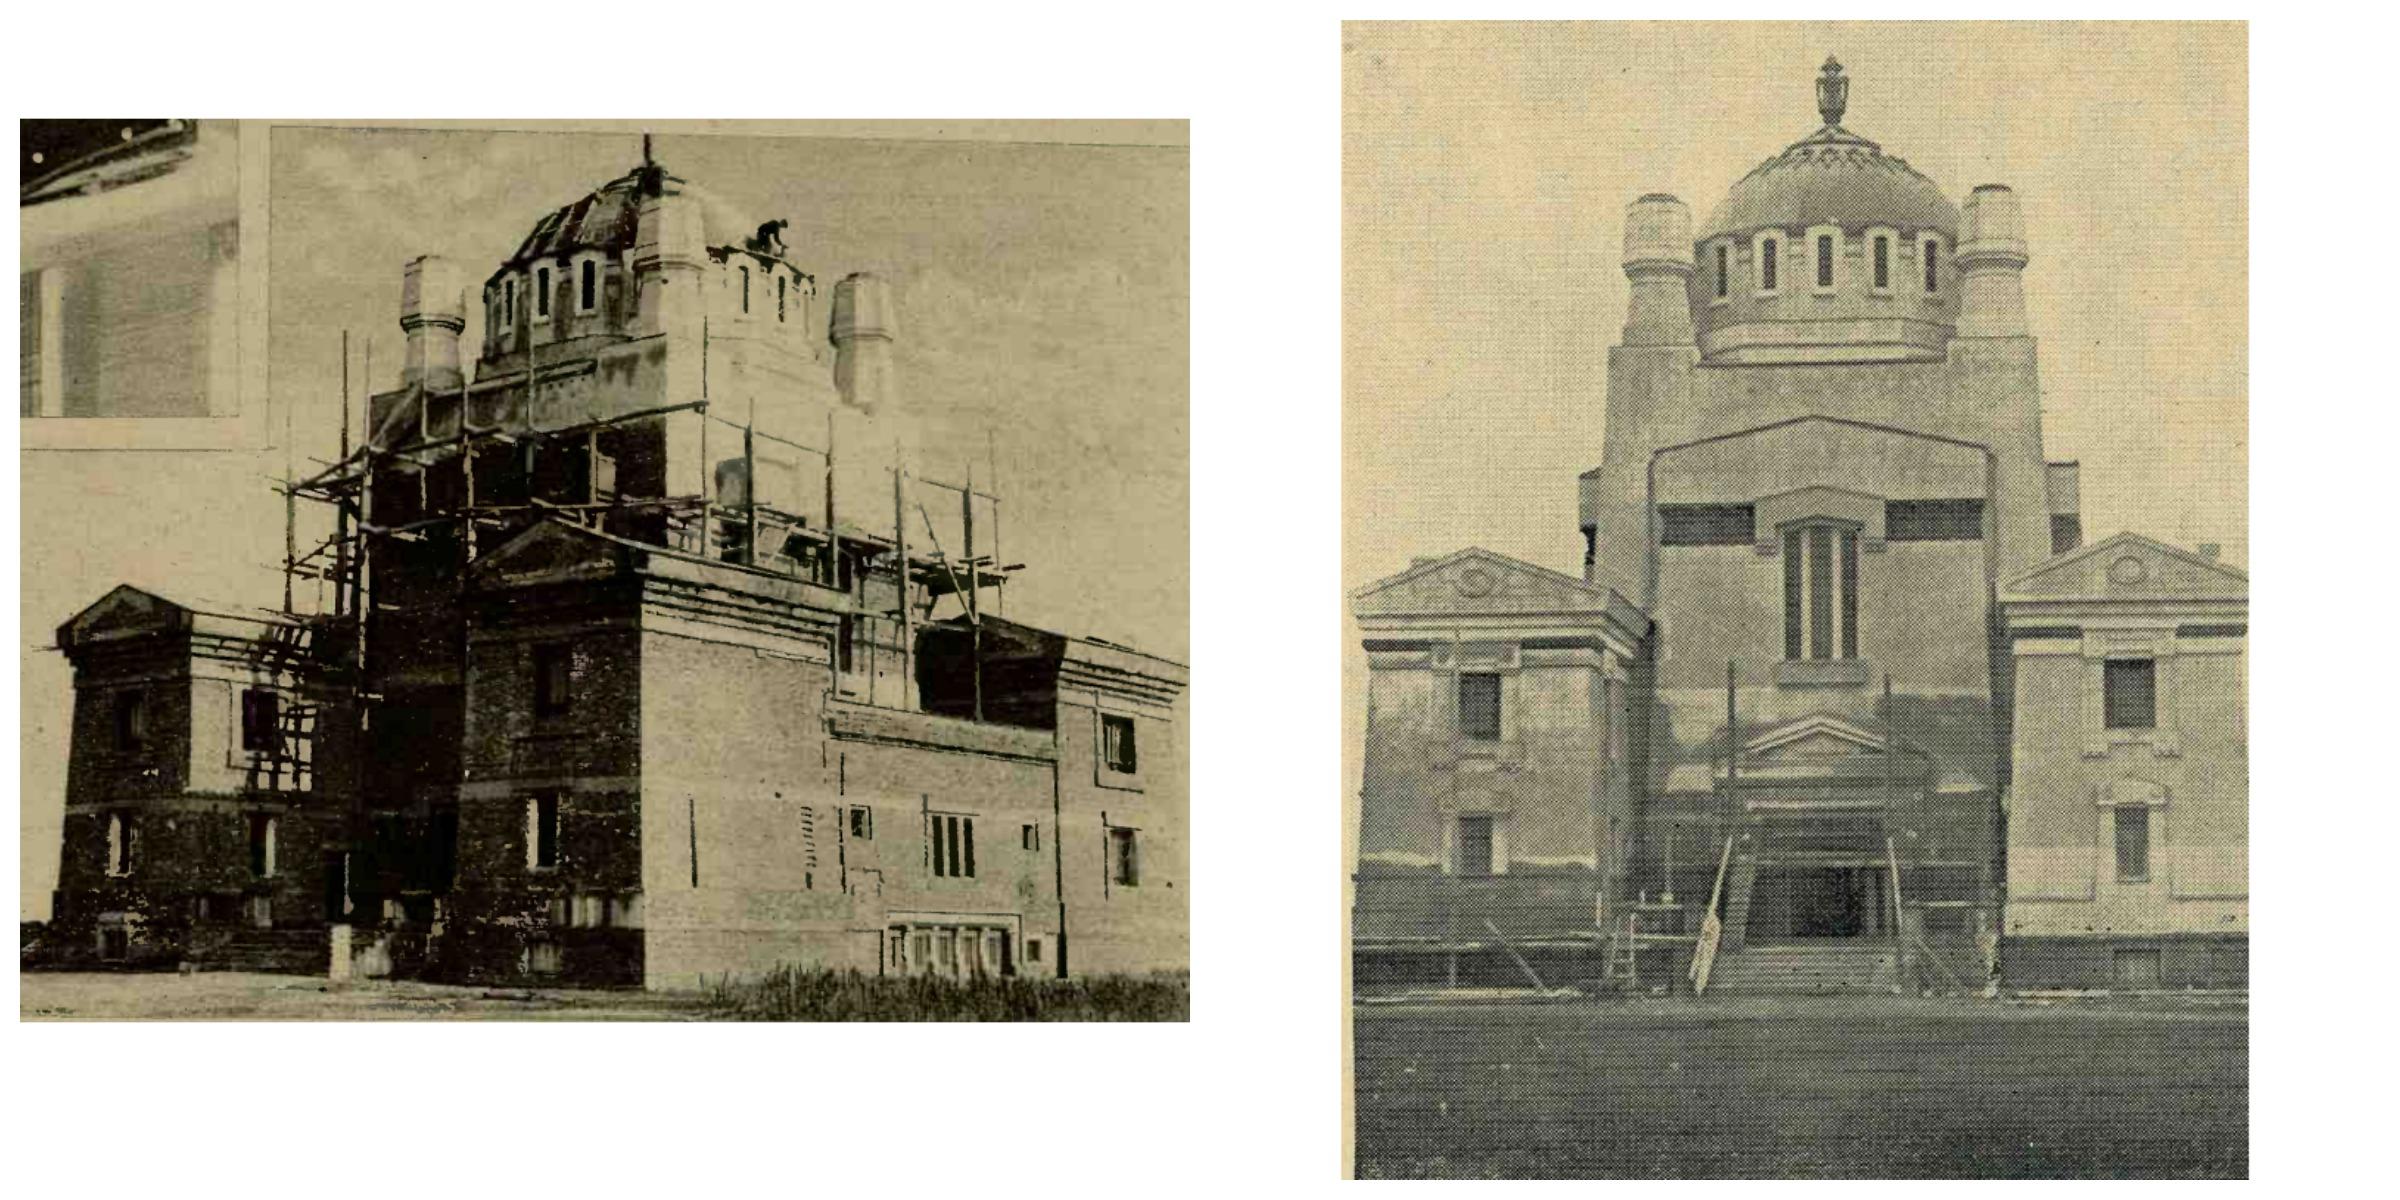 Sursa stanga:Realitatea ilustrată 3 decembrie 1931 Sursa dreapta: Ilustratiunea romana, 9 noiembrie 1932